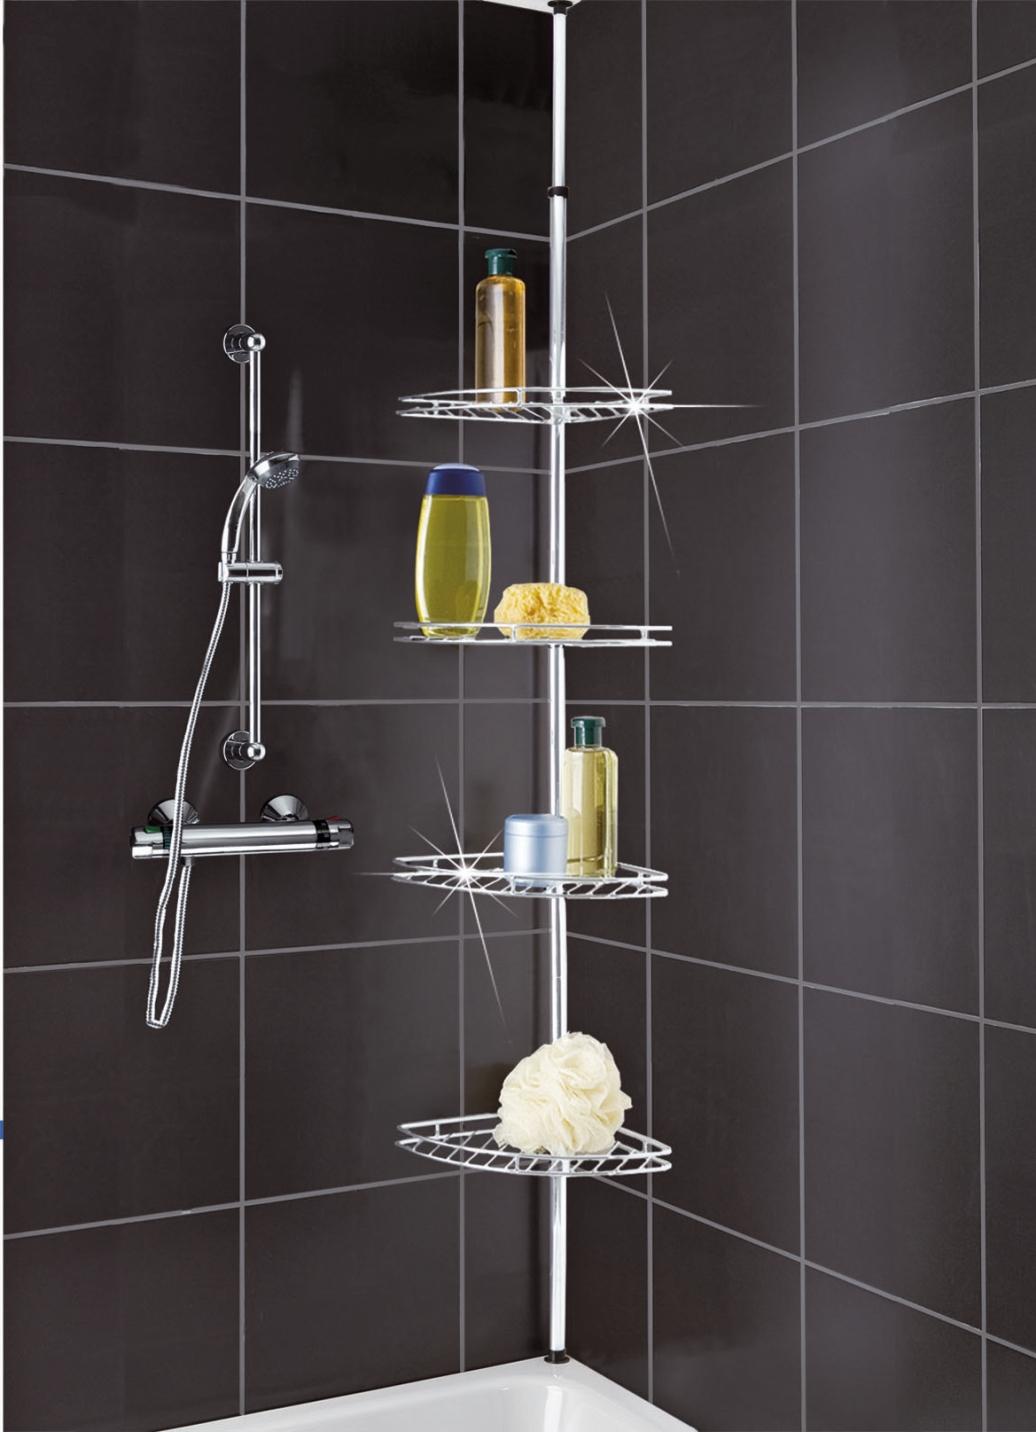 teleskop dusch eckregal badezimmer accessoires bader. Black Bedroom Furniture Sets. Home Design Ideas